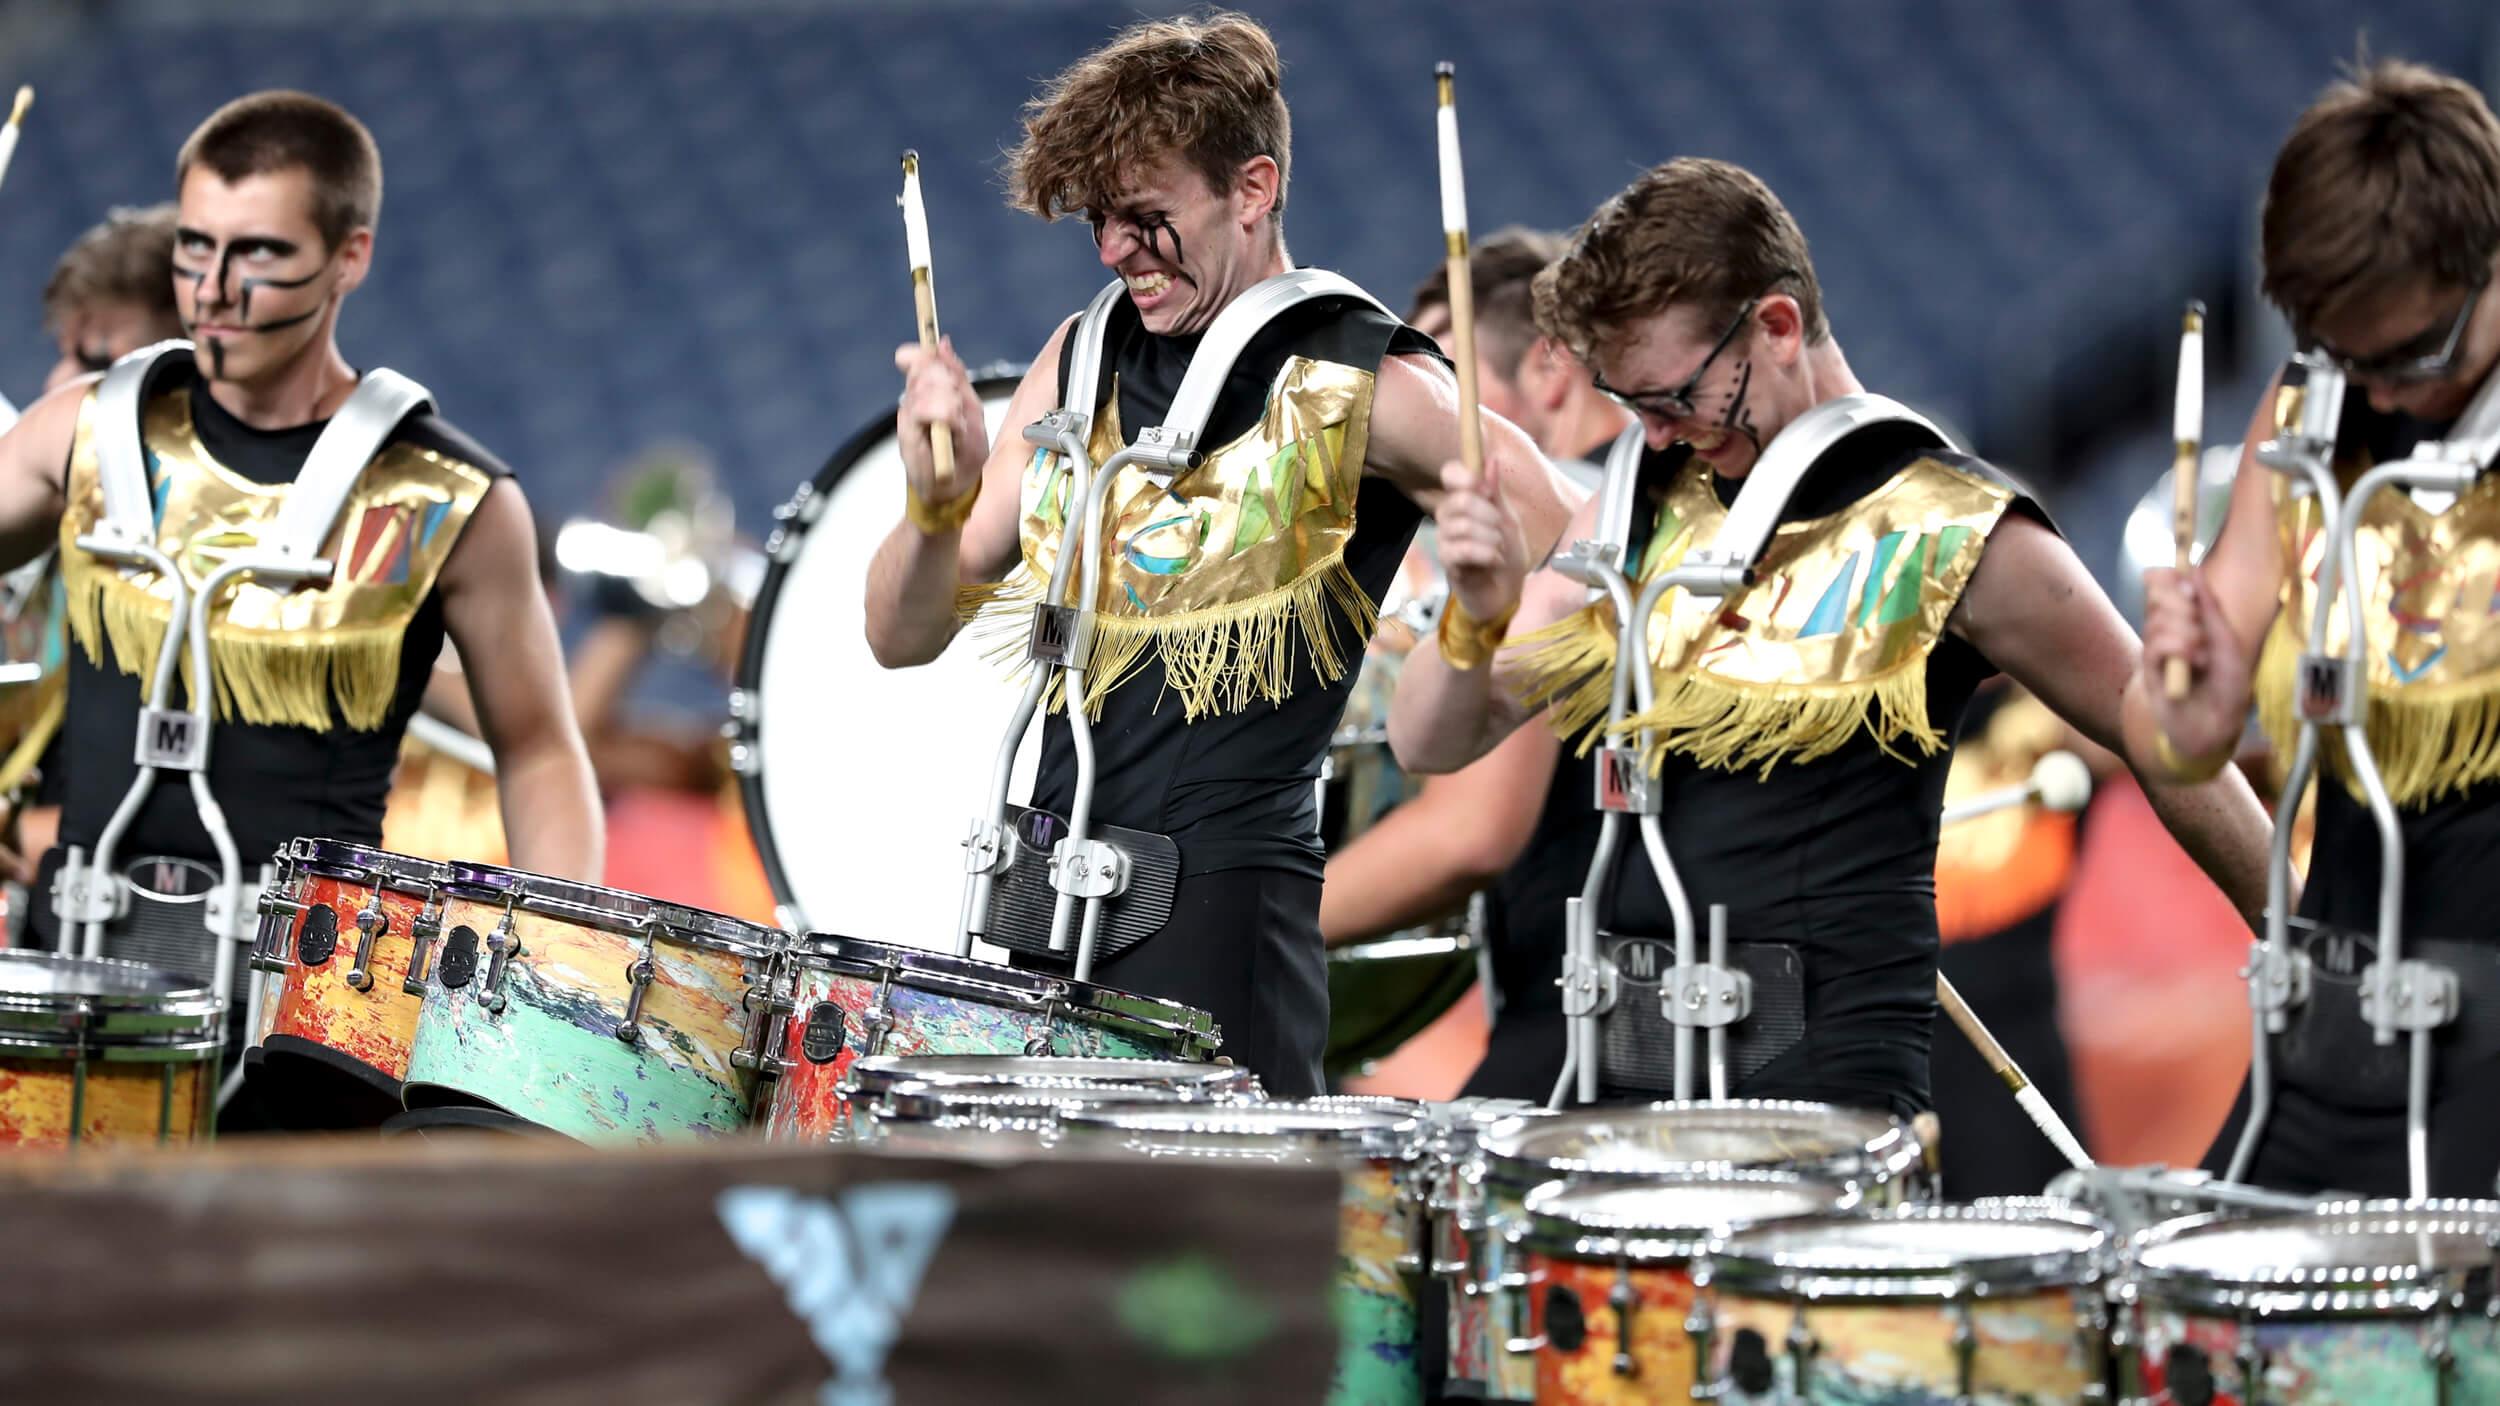 Columbians cap off successful 2019 tour in Denver